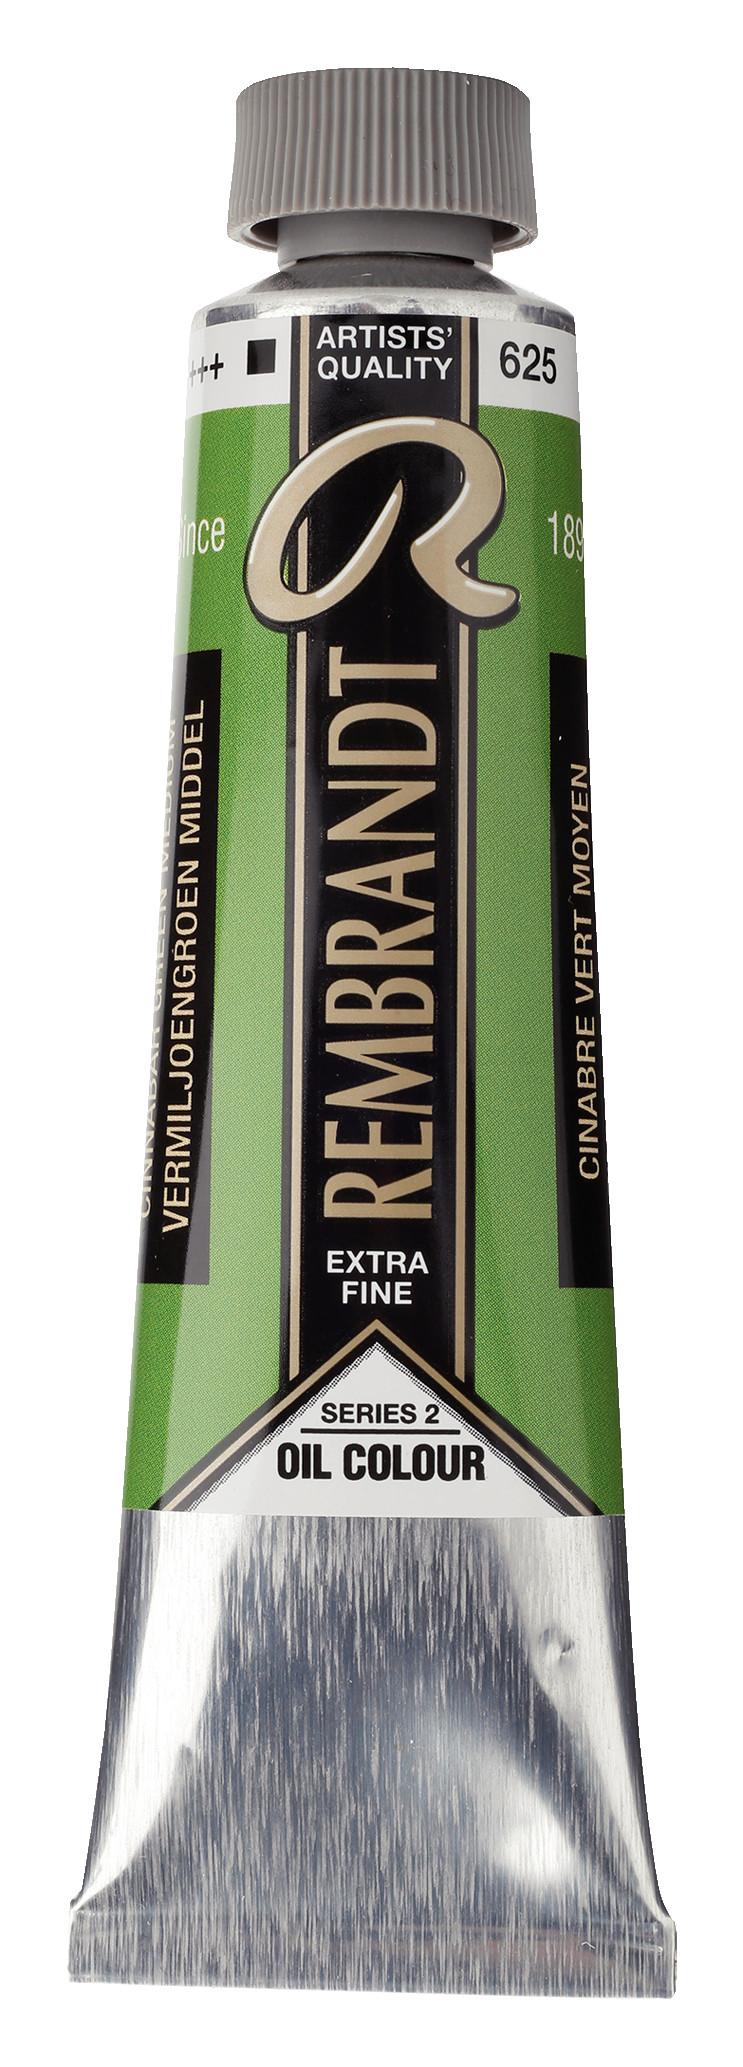 Rembrandt Oil colour Paint Cinnabar Green Medium (625) 40ml Tube